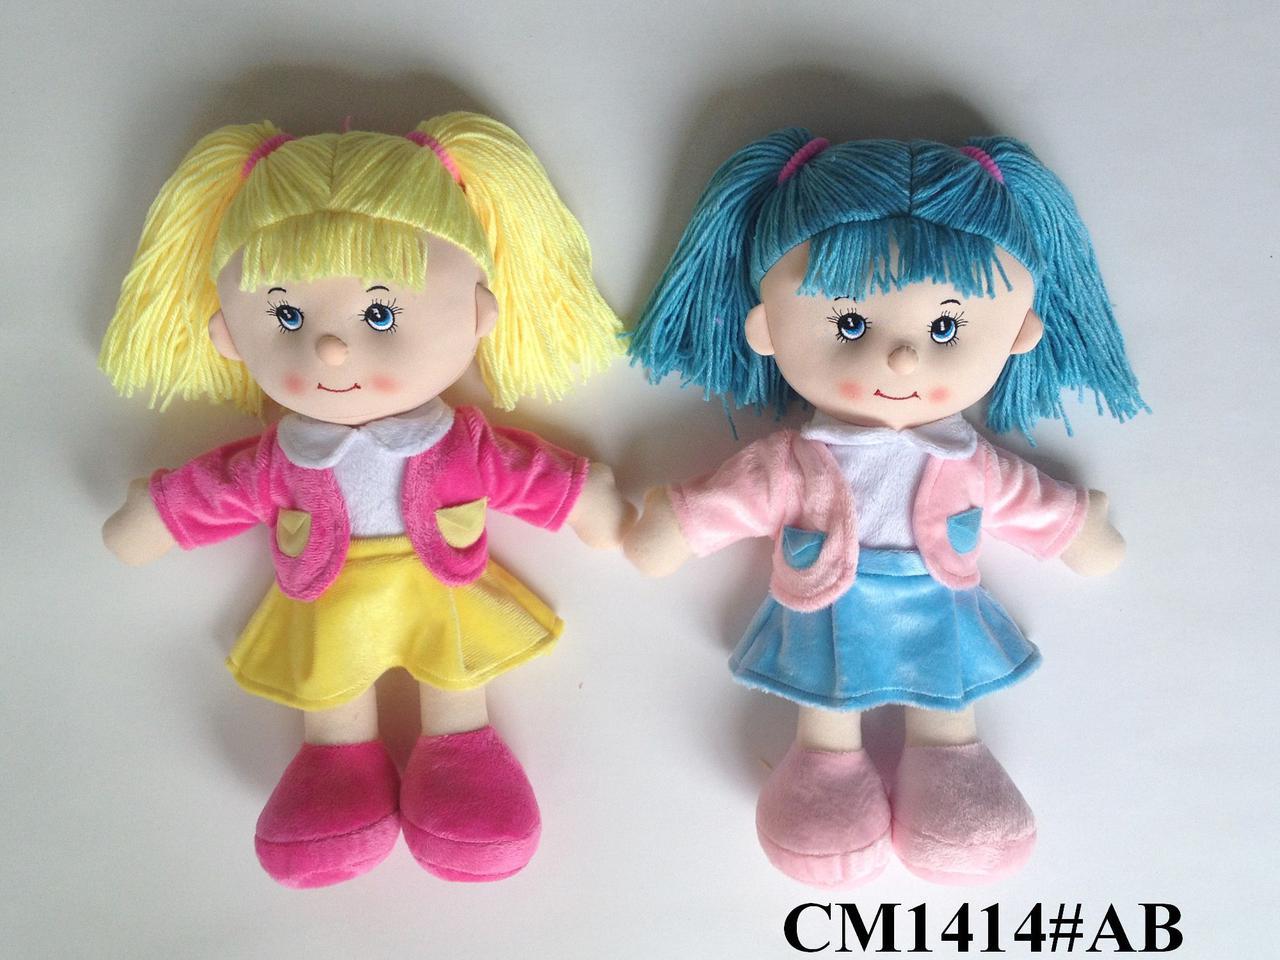 Лялька м'яка CM1414 2 кольори, кульку 35см